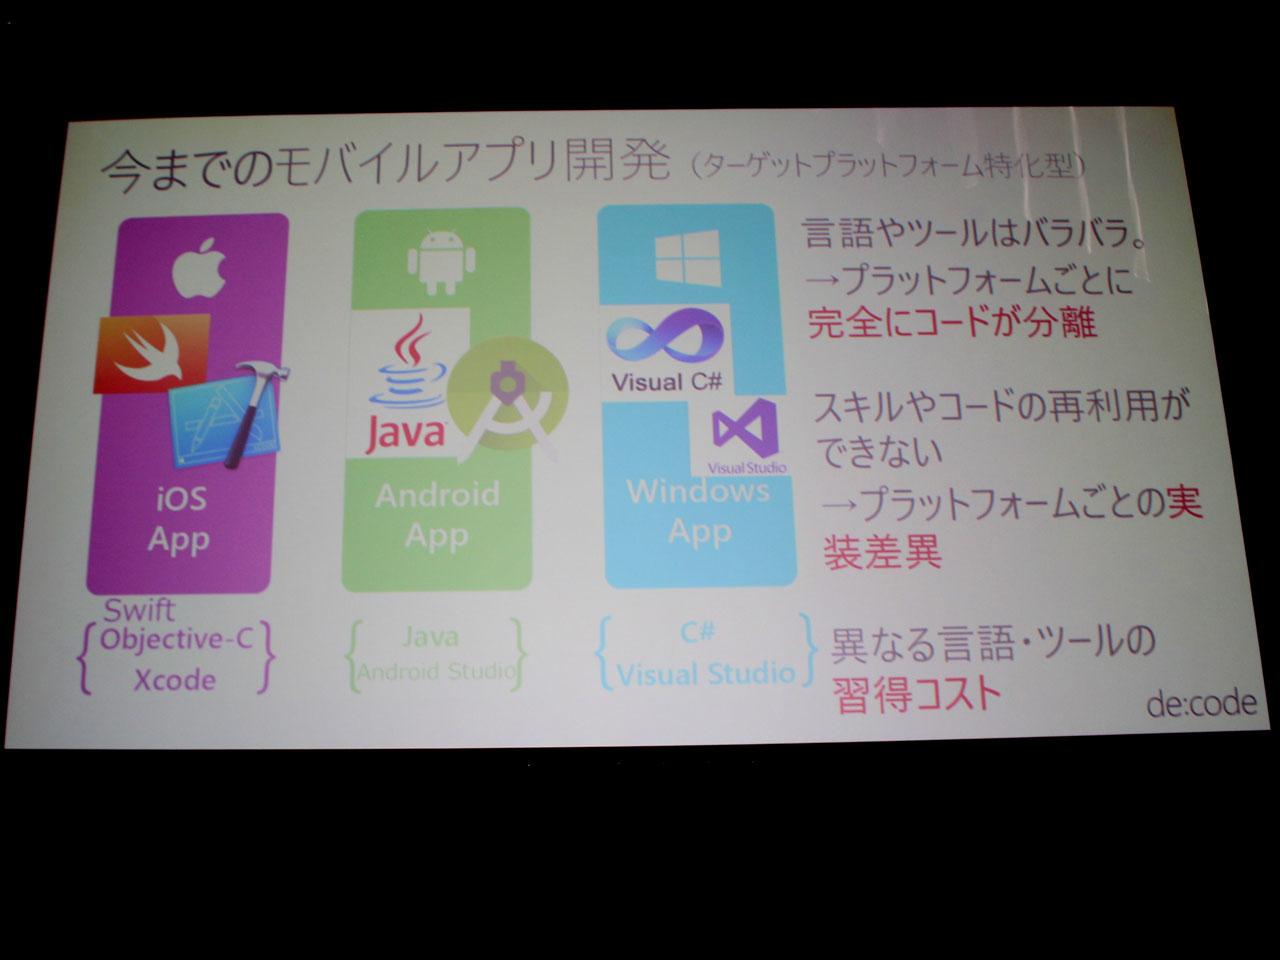 従来のモバイルアプリ開発は、プラットフォームごとに言語やツールが異なり、コードの再利用もできなかった